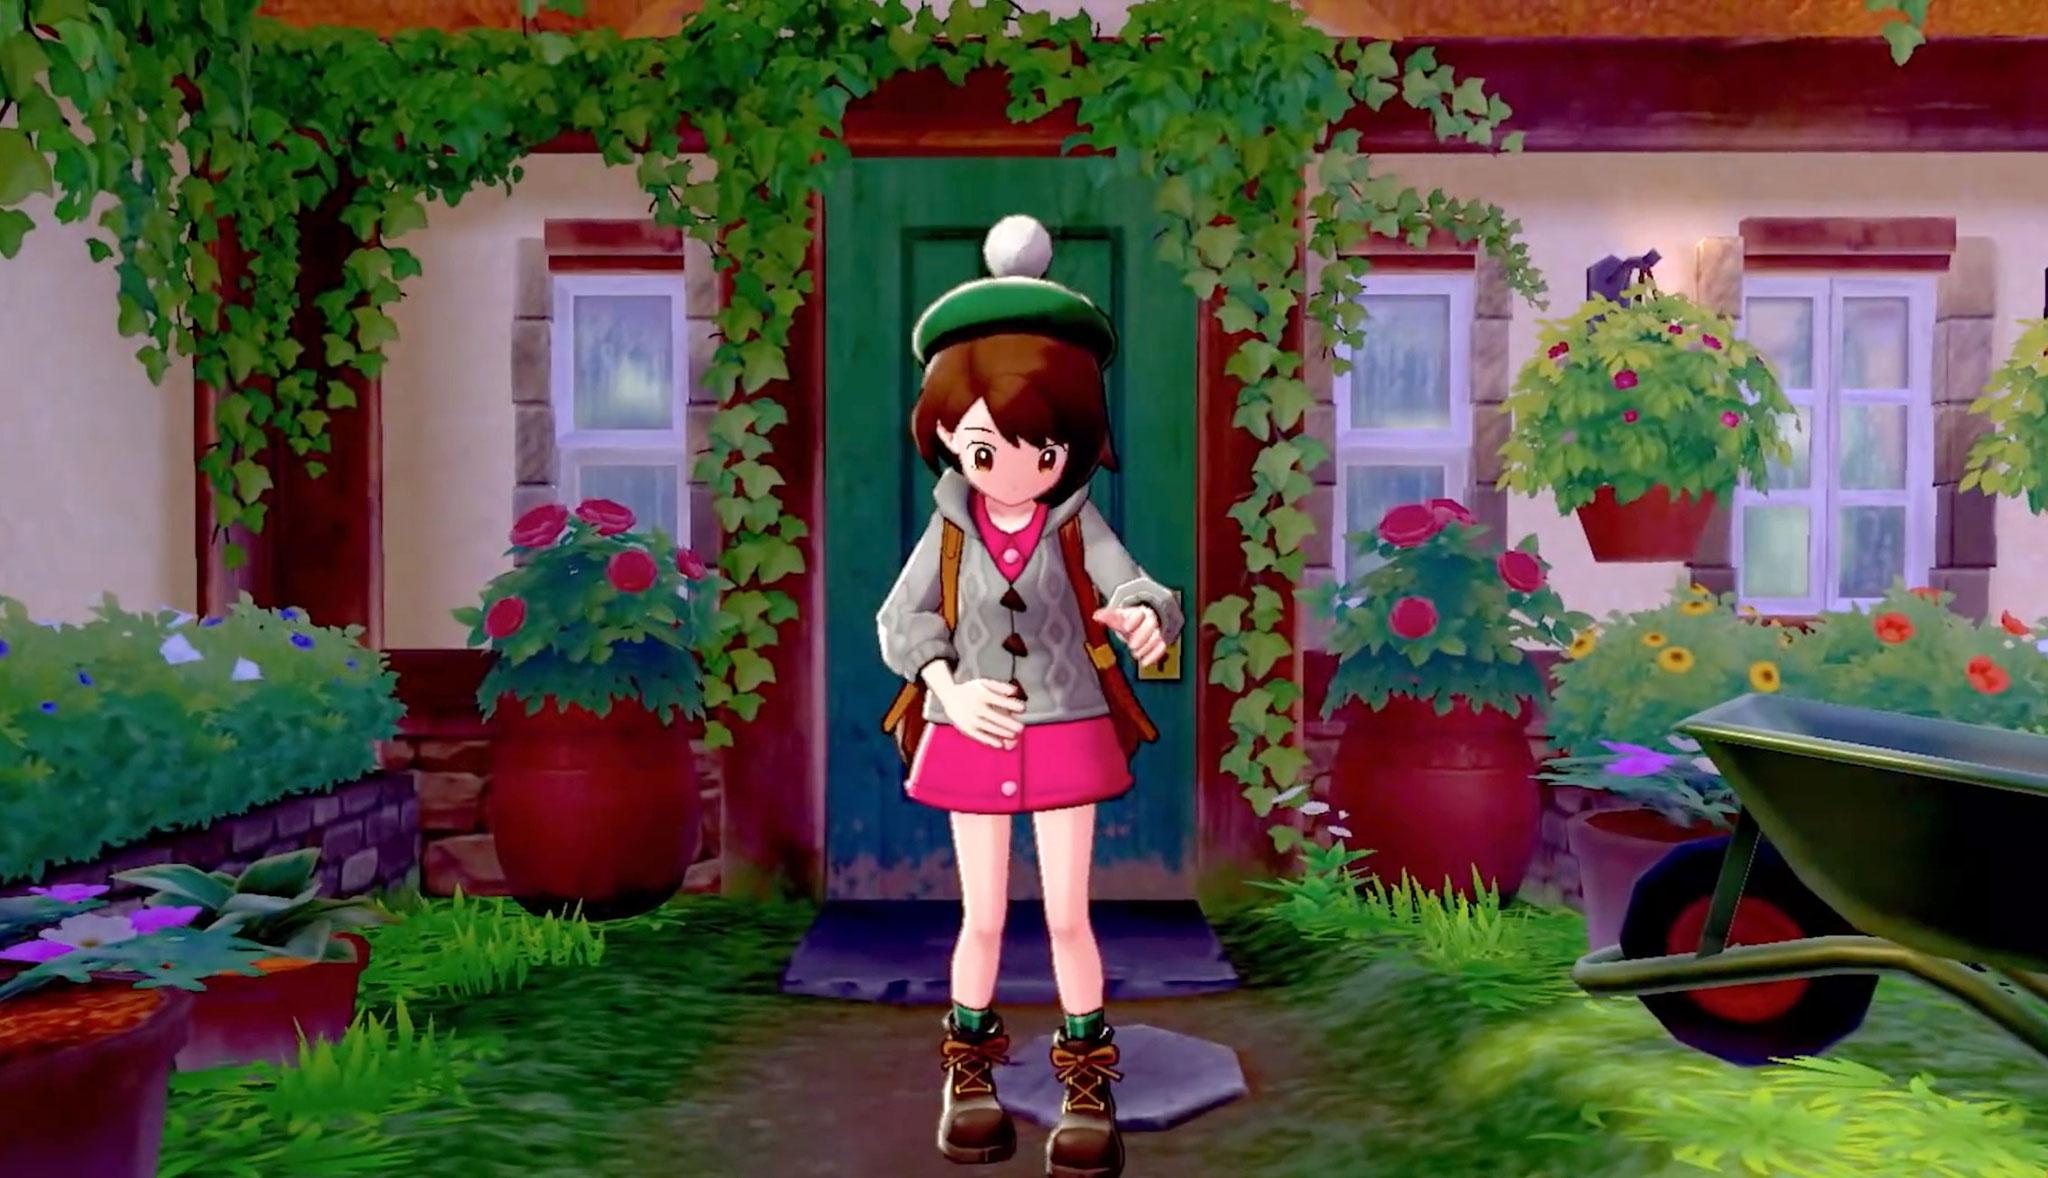 Serien-typisch darf man sich vor Spielbeginn dafür entscheiden, ob man ein Mädchen oder einen Jungen spielen will.